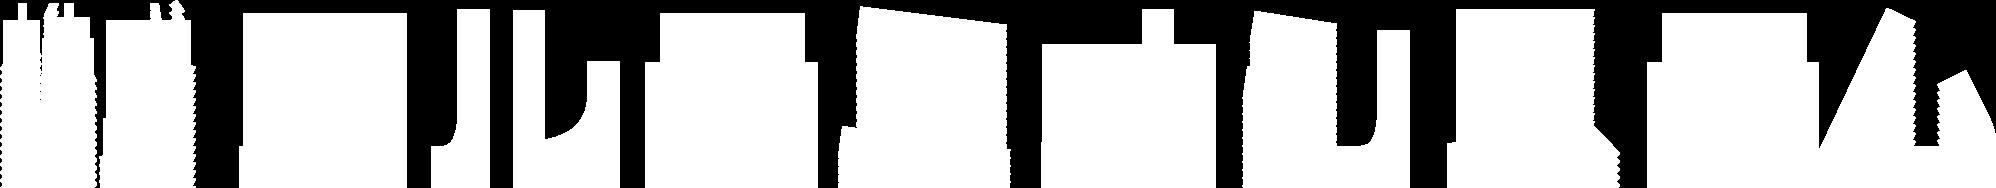 株式会社アルテミオシステム